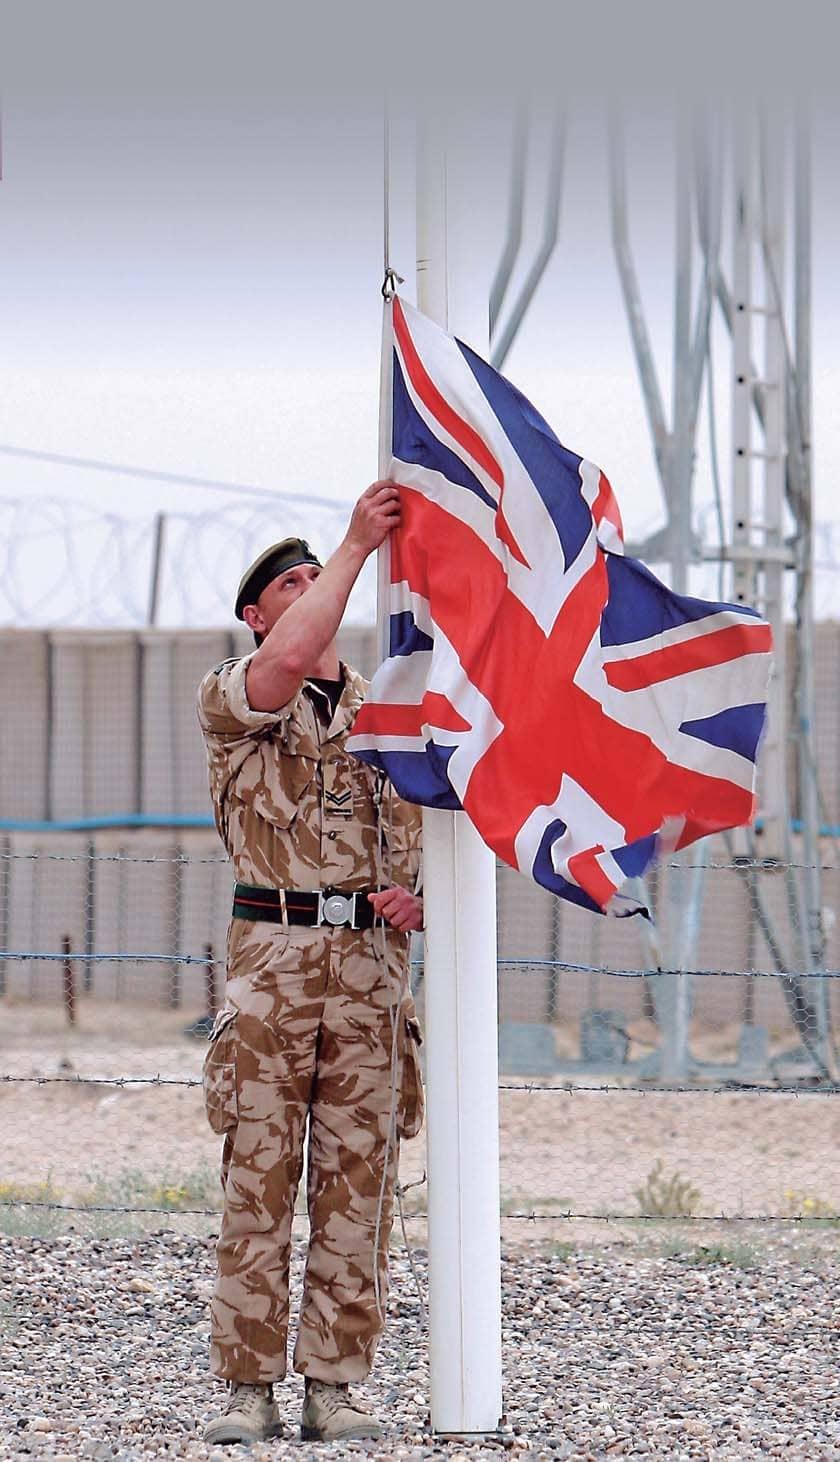 El Ejercito Britanico, Bajo Sospecha De Violar Derechos Humanos En Medio Oriente